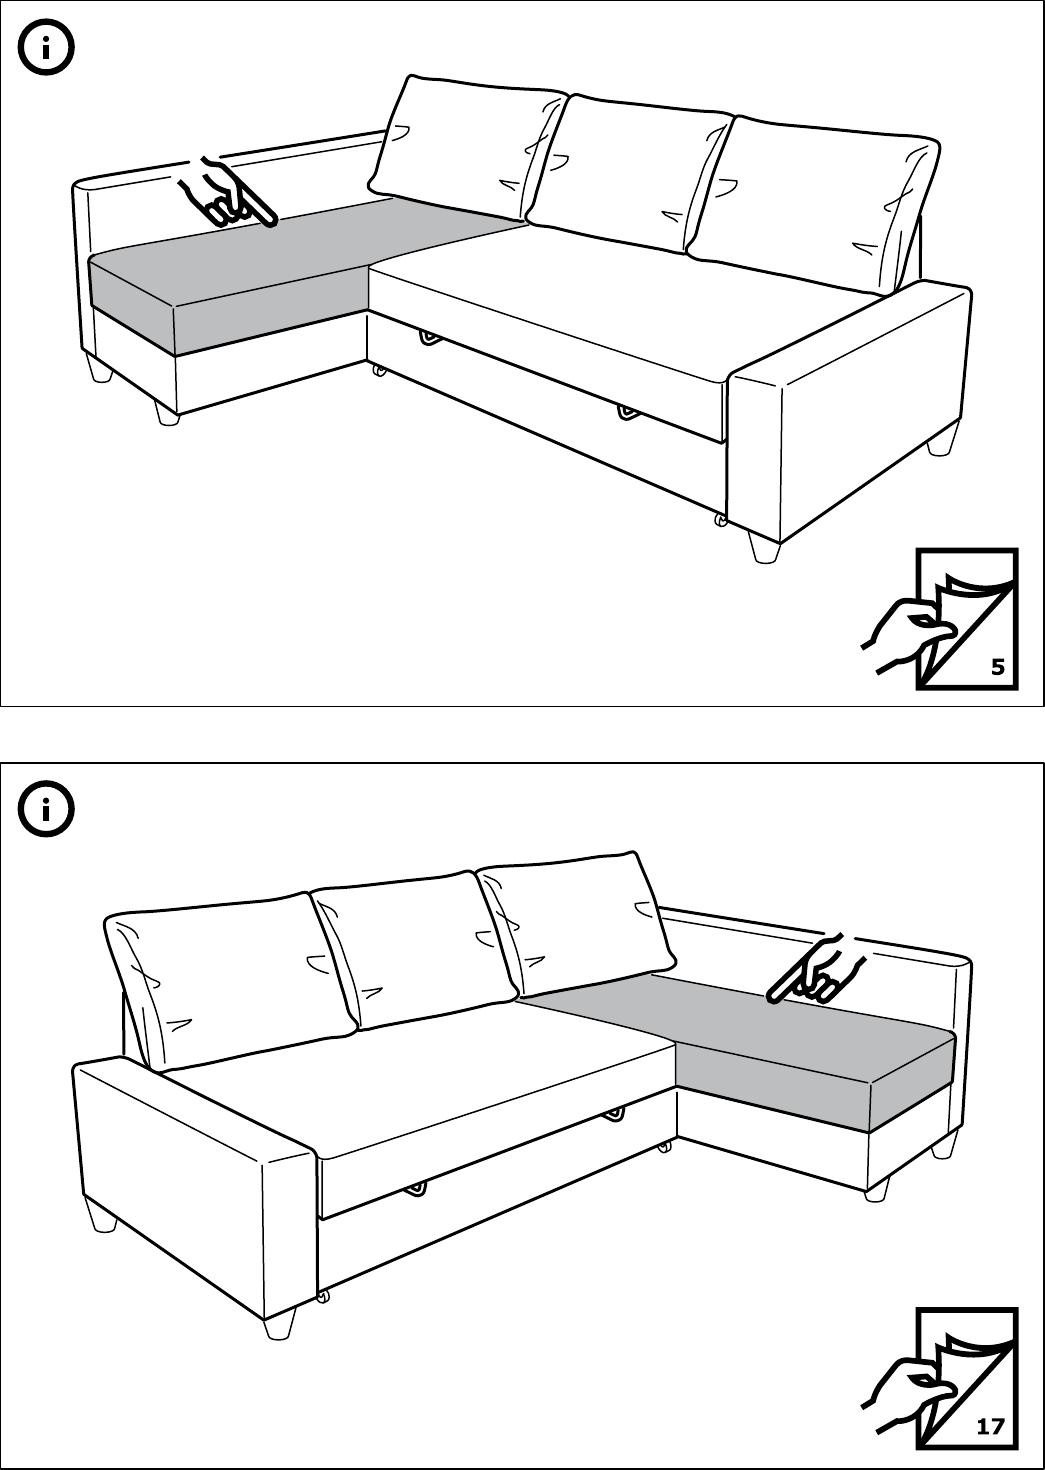 Bedienungsanleitung Ikea Friheten Seite 1 Von 28 Alle Sprachen